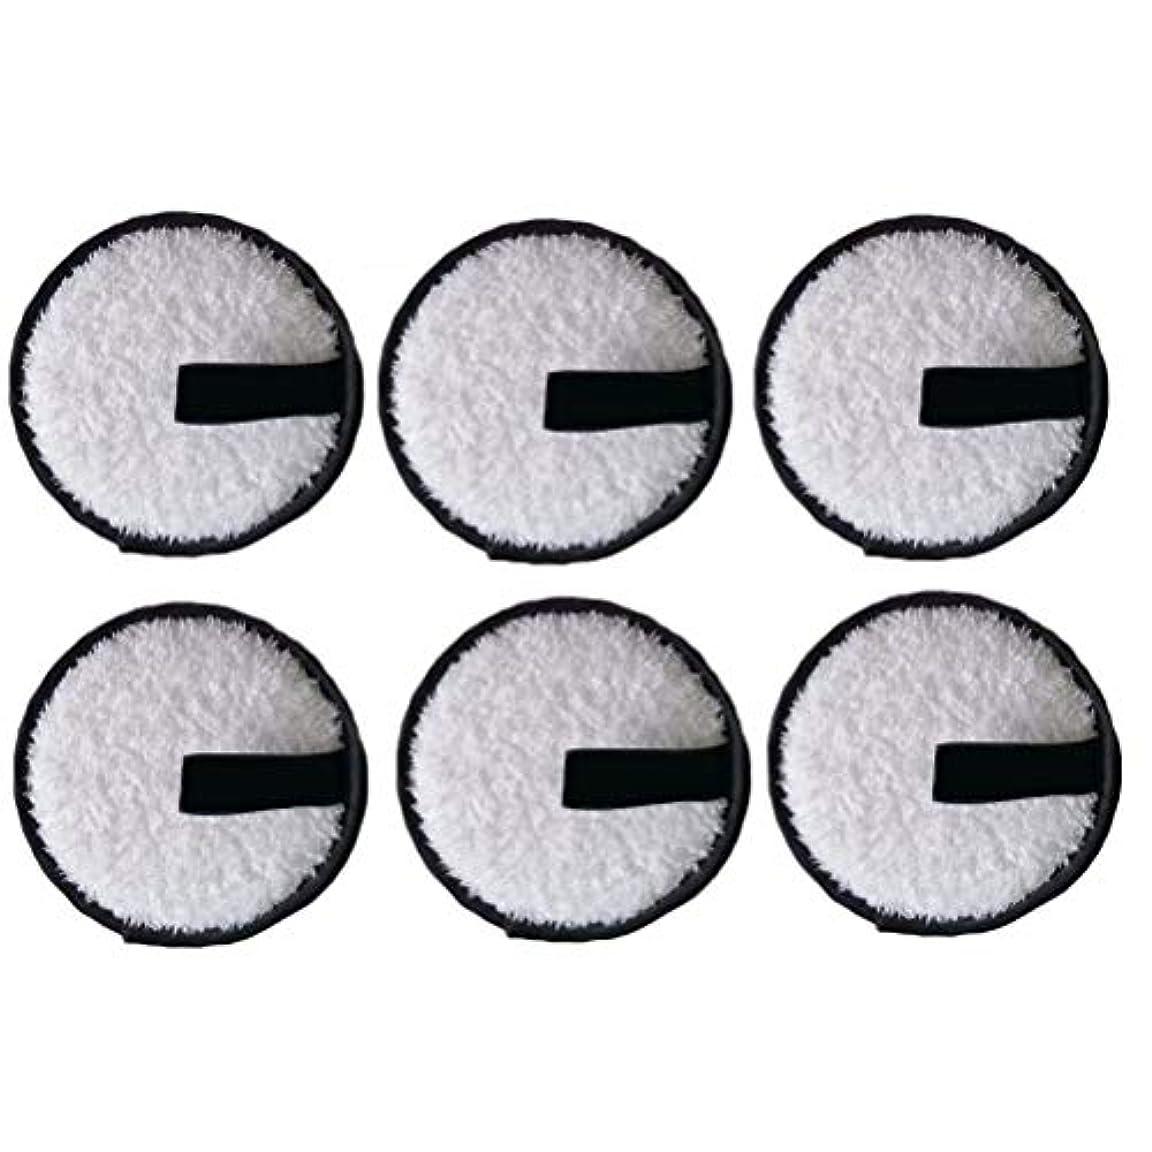 苦痛振り子物語LURROSE 6本洗顔パウダーパフ洗顔パウダーパフファッションメイク落とし圧縮パッド(黒)